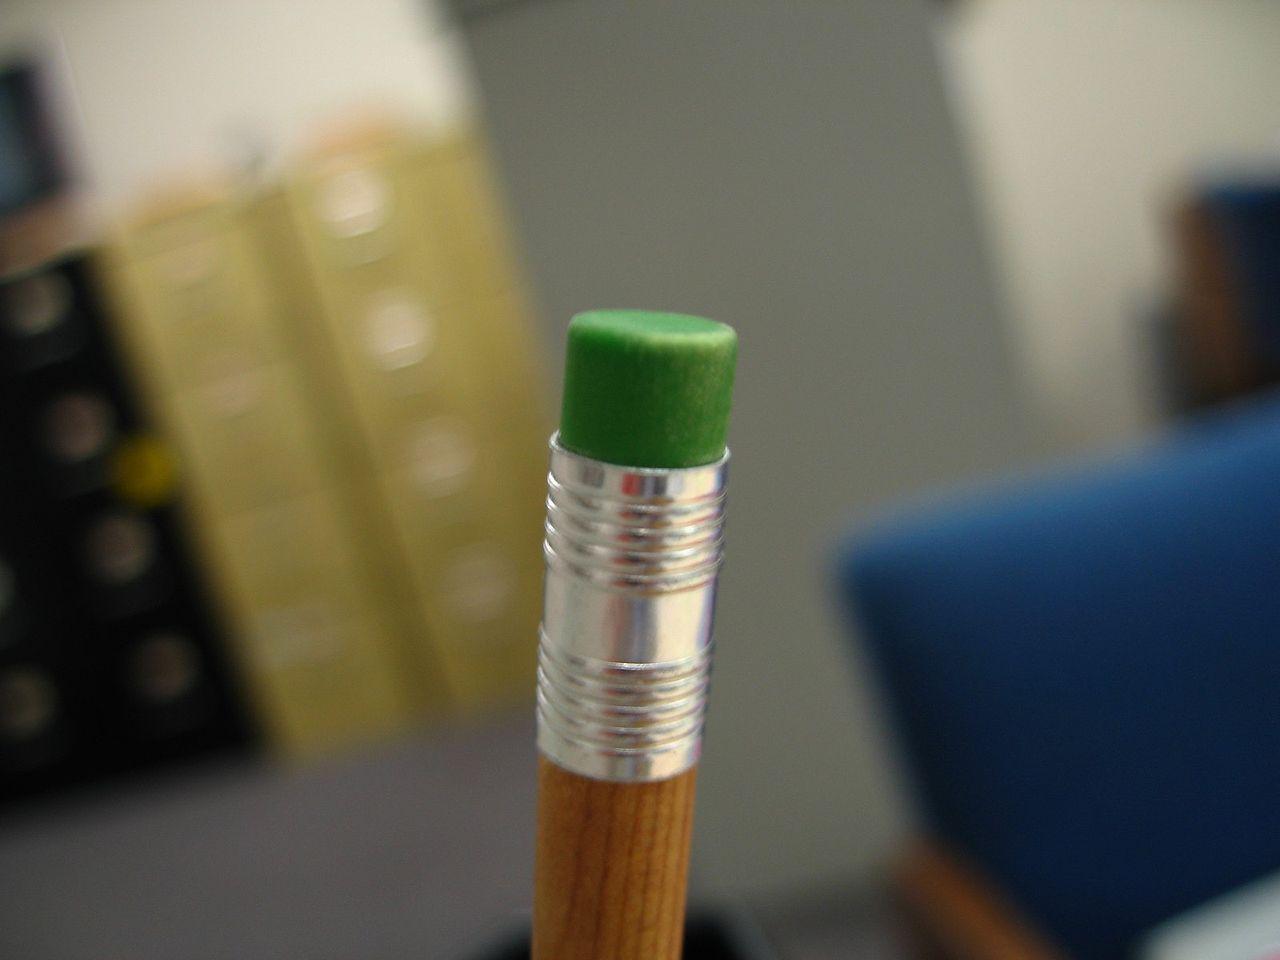 1280px-Pencil_Eraser.jpg